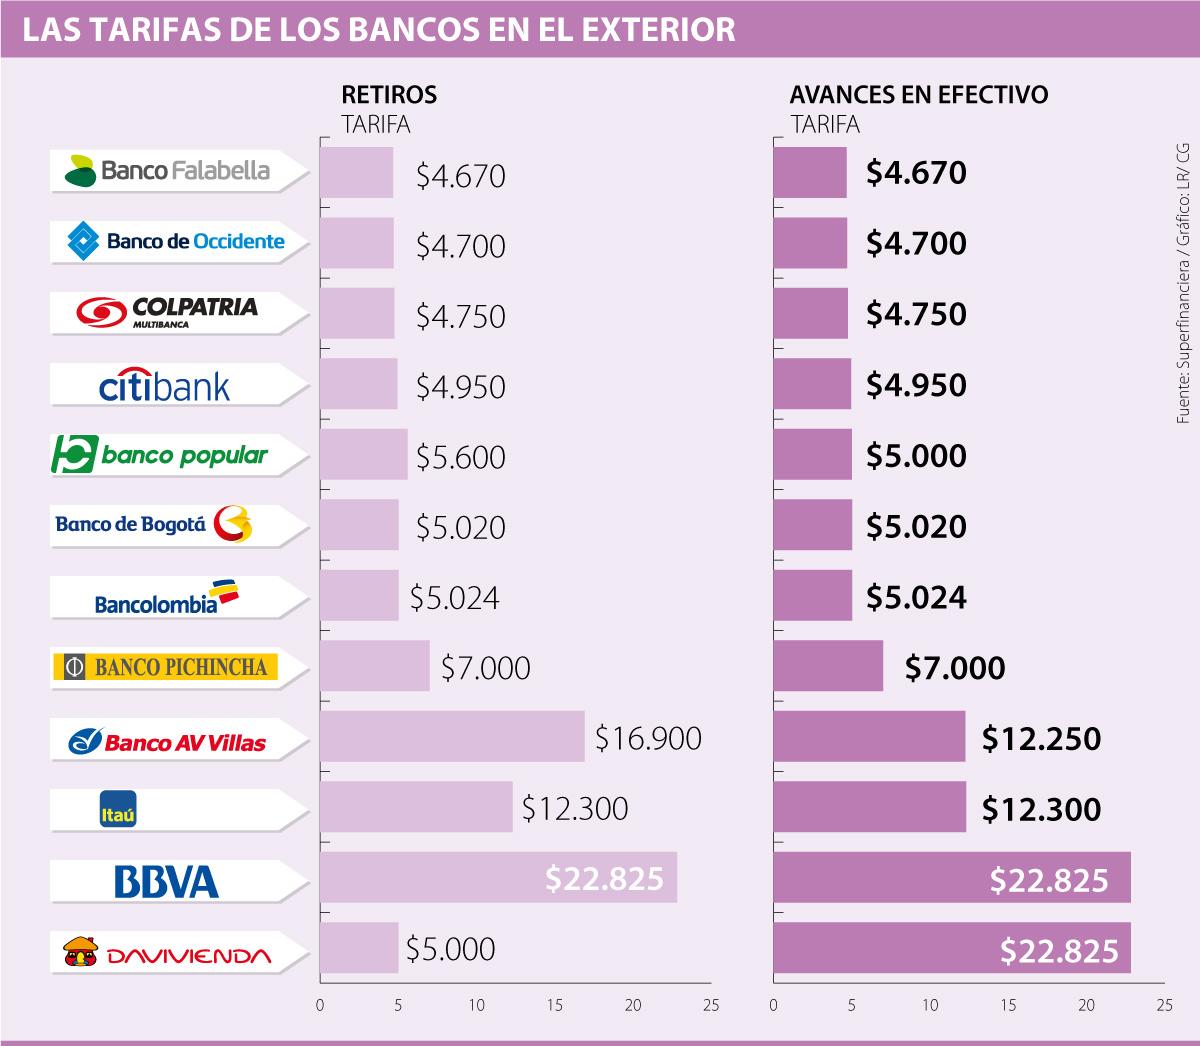 Los Bancos Que Tienen Los Menores Cobros En El Exterior Por Retiros Y Avances